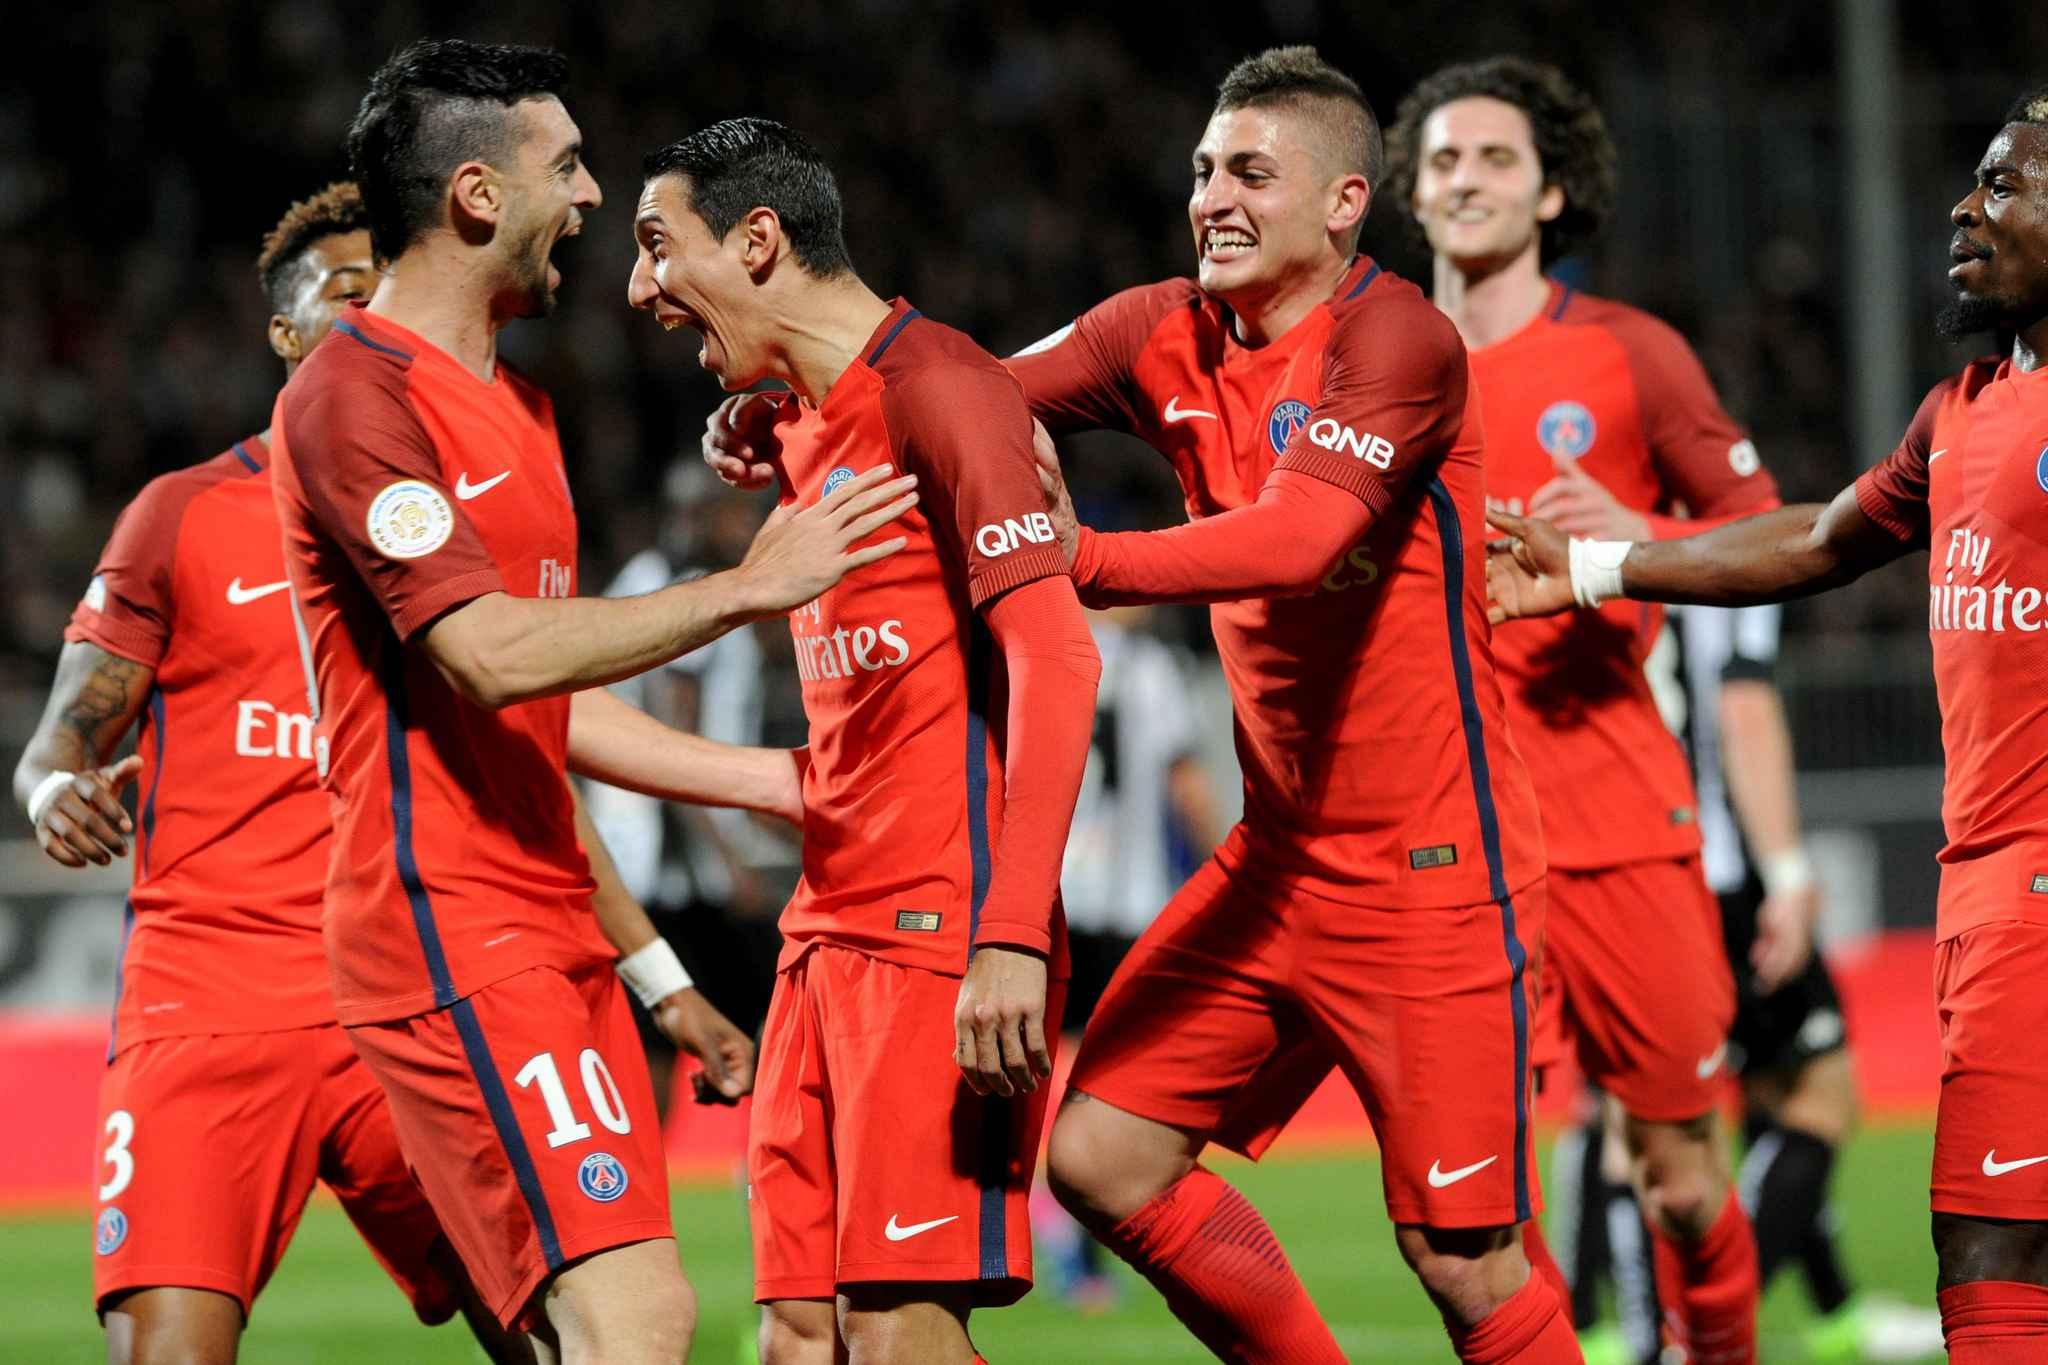 Highlights Angers vs PSG, 15 April 2017 Psg, Paris saint